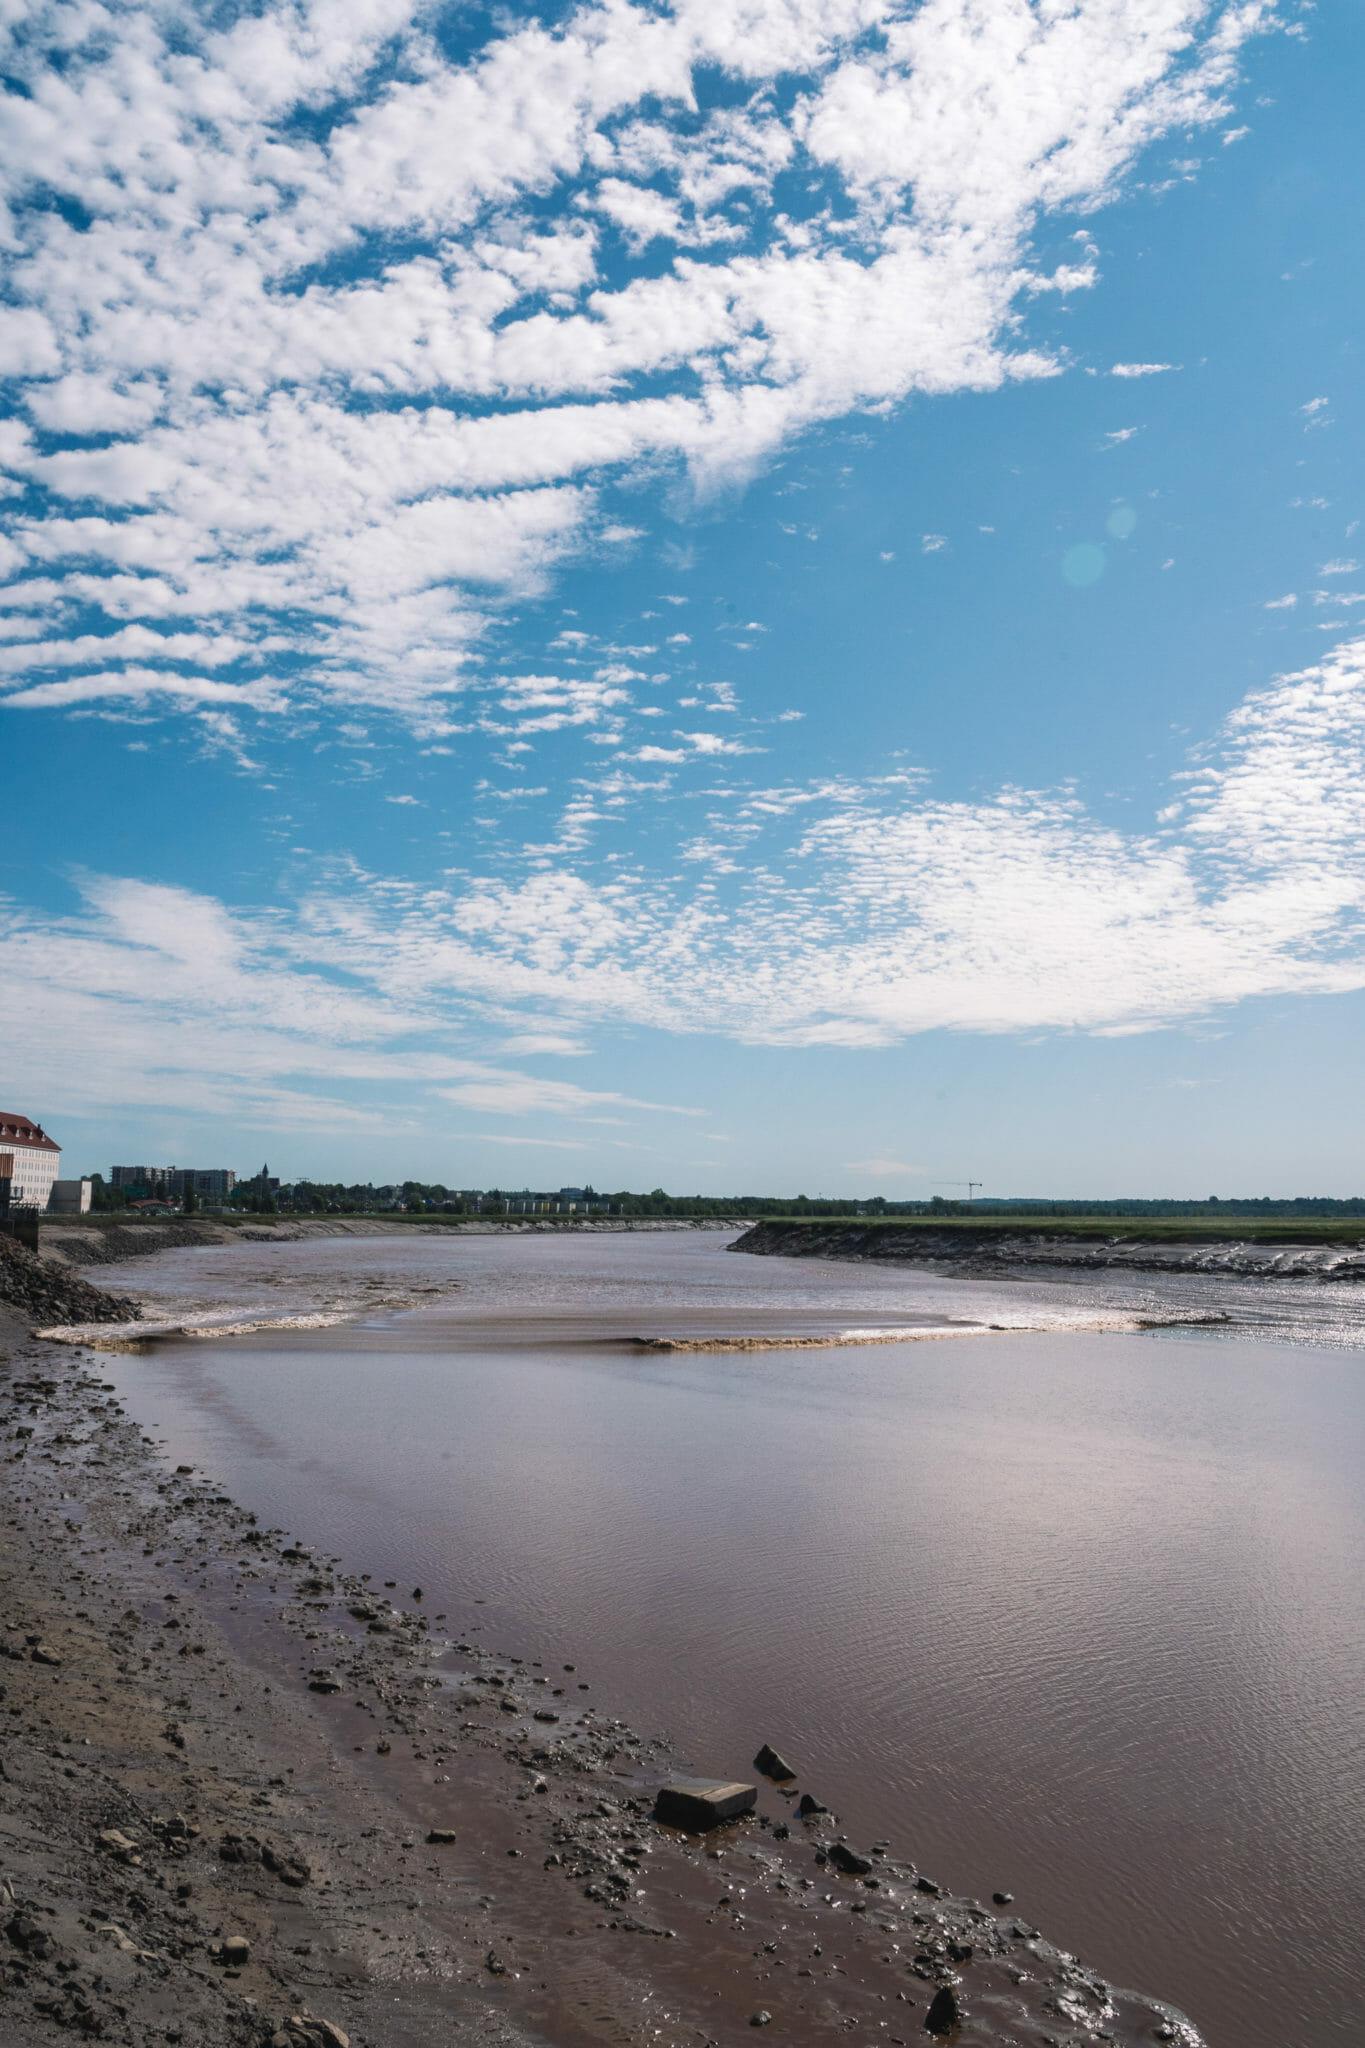 rivière-petitcodiac-moncton-marée-canada